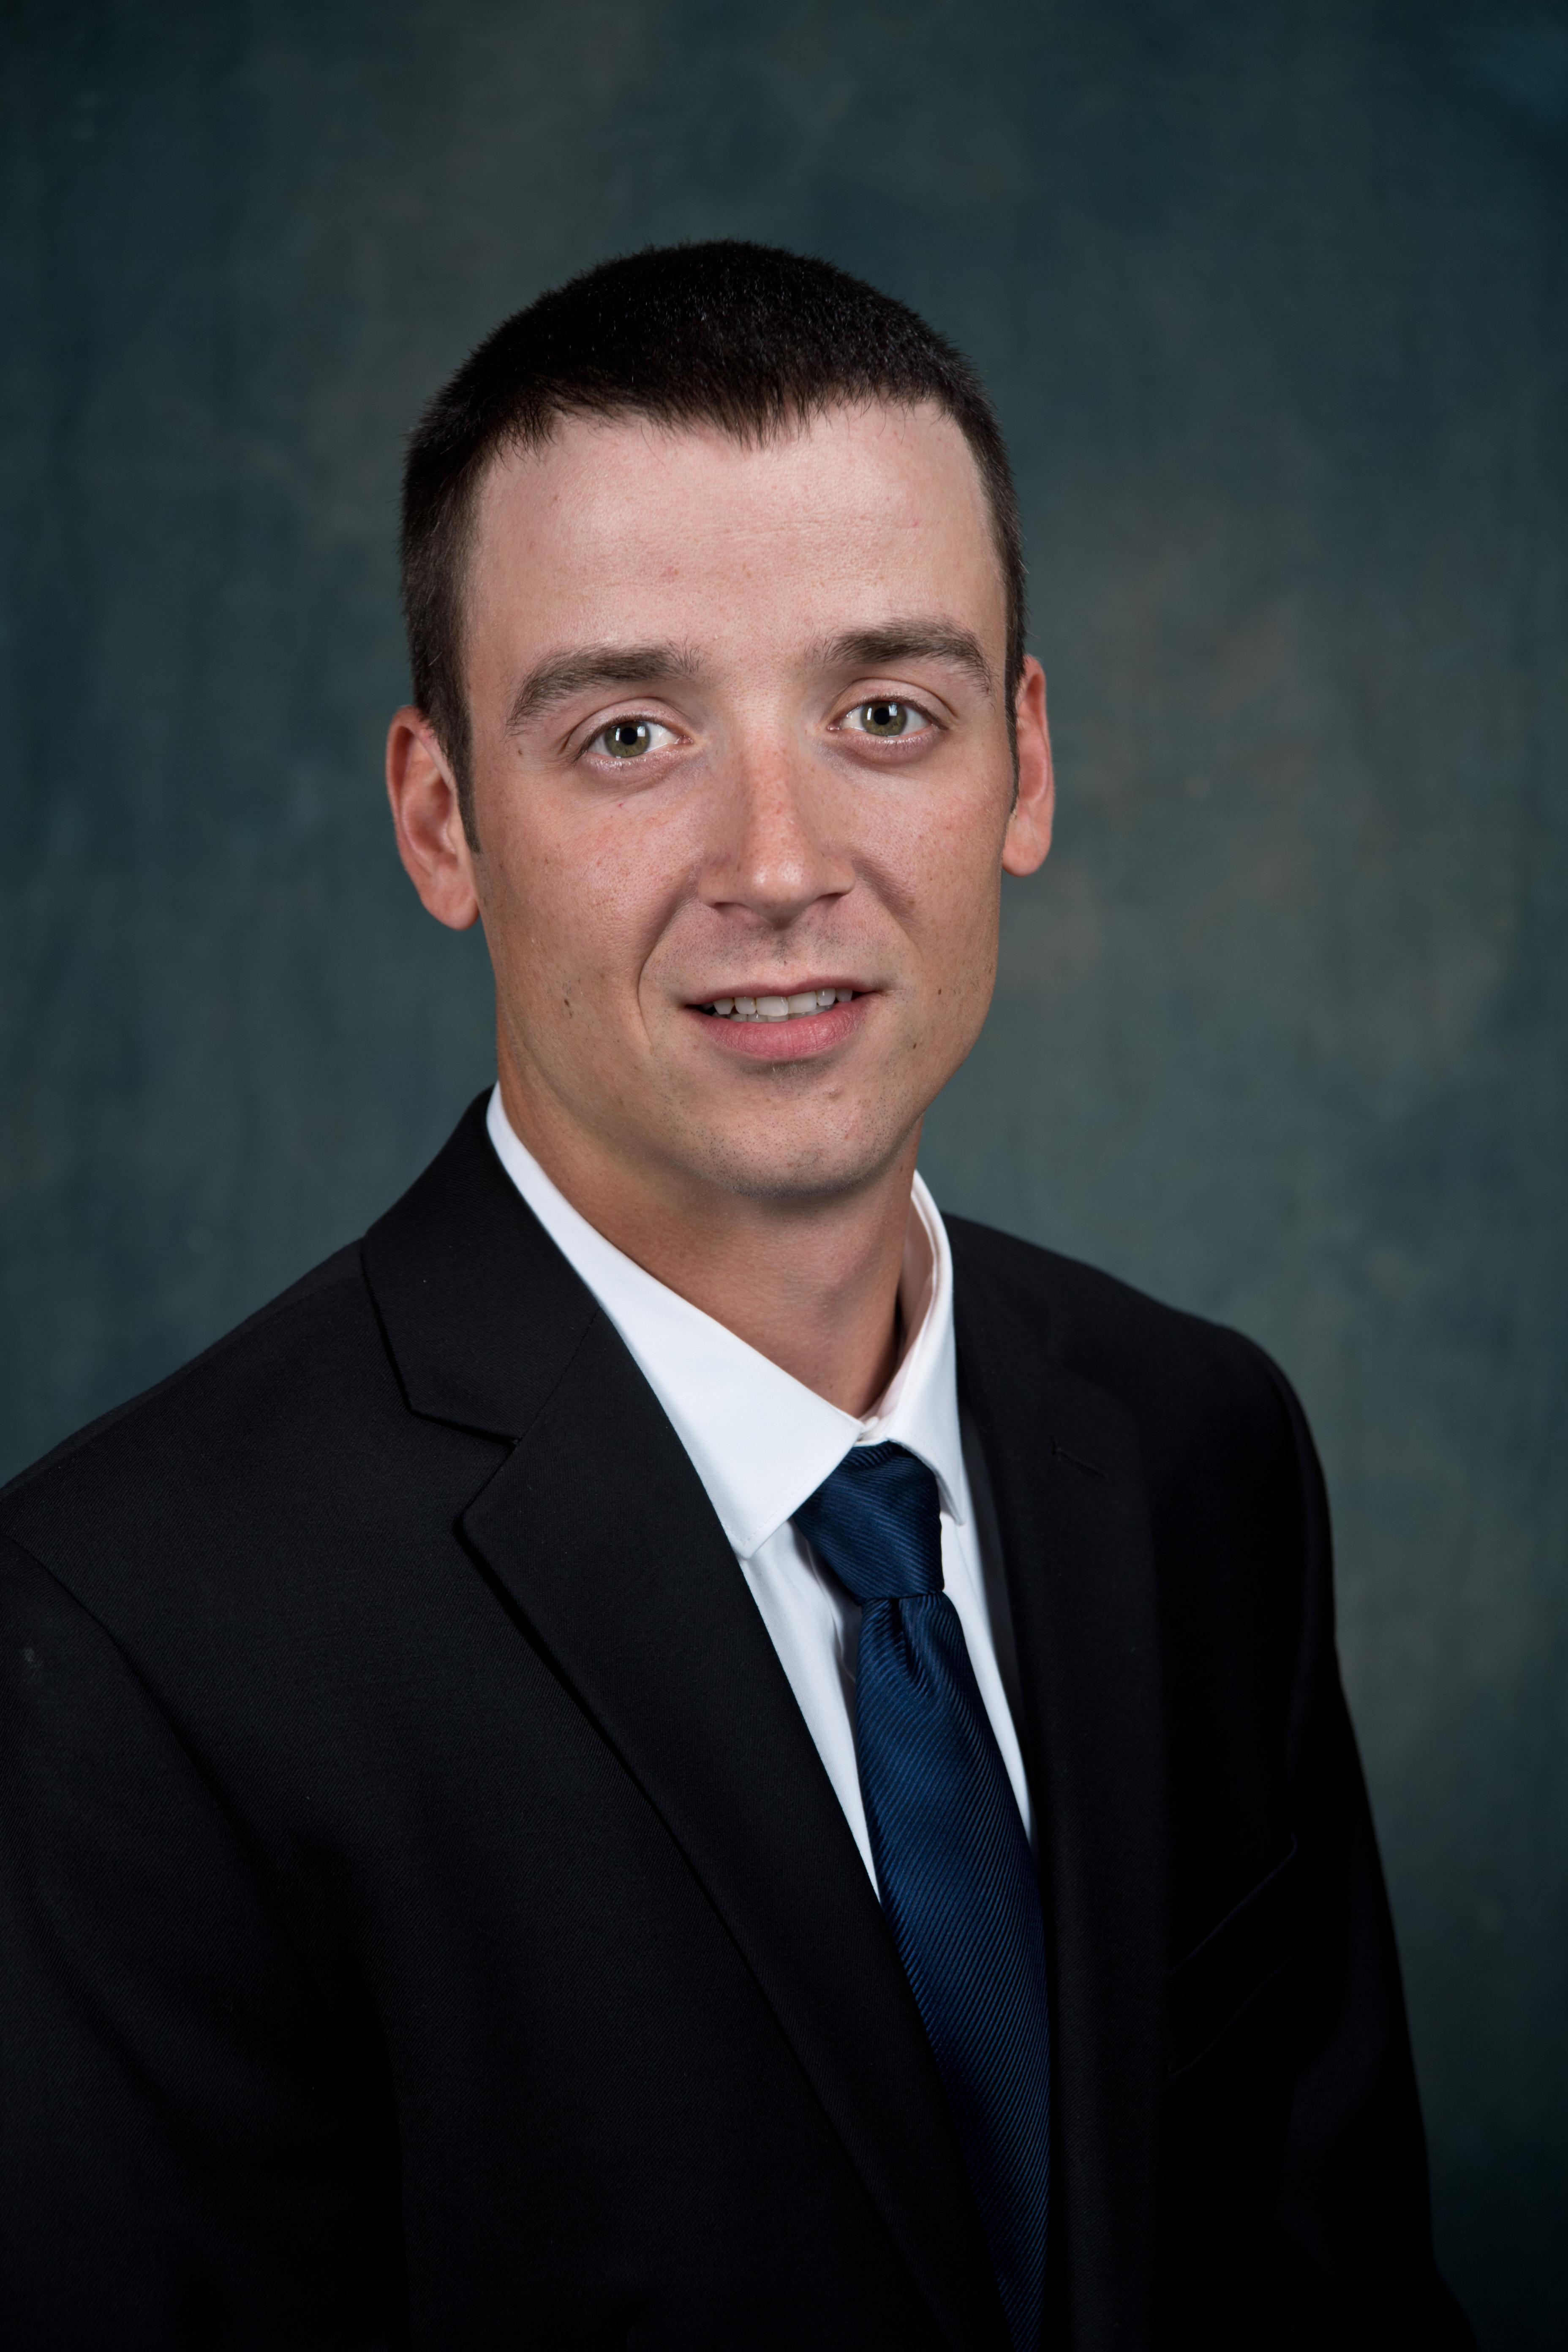 Jake Schmidt